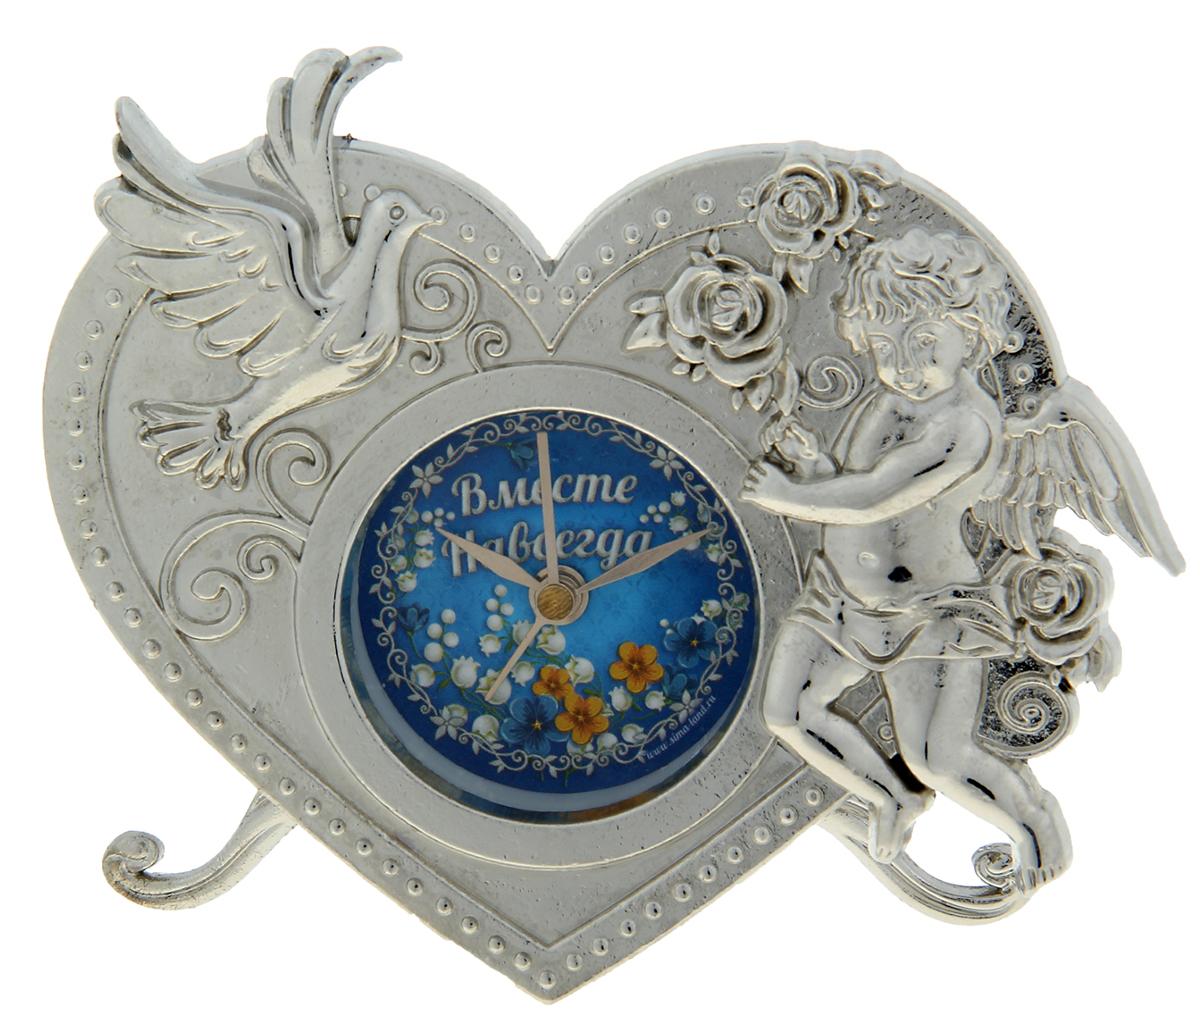 """Часы """"Вместе навсегда"""" - это олицетворение неповторимой грации в декоративном элементе интерьера. Они придутся по душе натурам романтичным и нежным, предпочитающим необычные детали в оформлении дома. Символы любви – голубь и Купидон – придают изделию неповторимый шарм. Часы выполнены из металла c ярким циферблатом, располагаясь на прочных ножках, и работают от батареек LR44 (не входят в комплект). Кроме того, они включают функцию будильника, что делает их не только красивыми, но и полезными. Теперь вы ни за что не проспите важное событие и будете встречать каждый новый день с улыбкой!"""